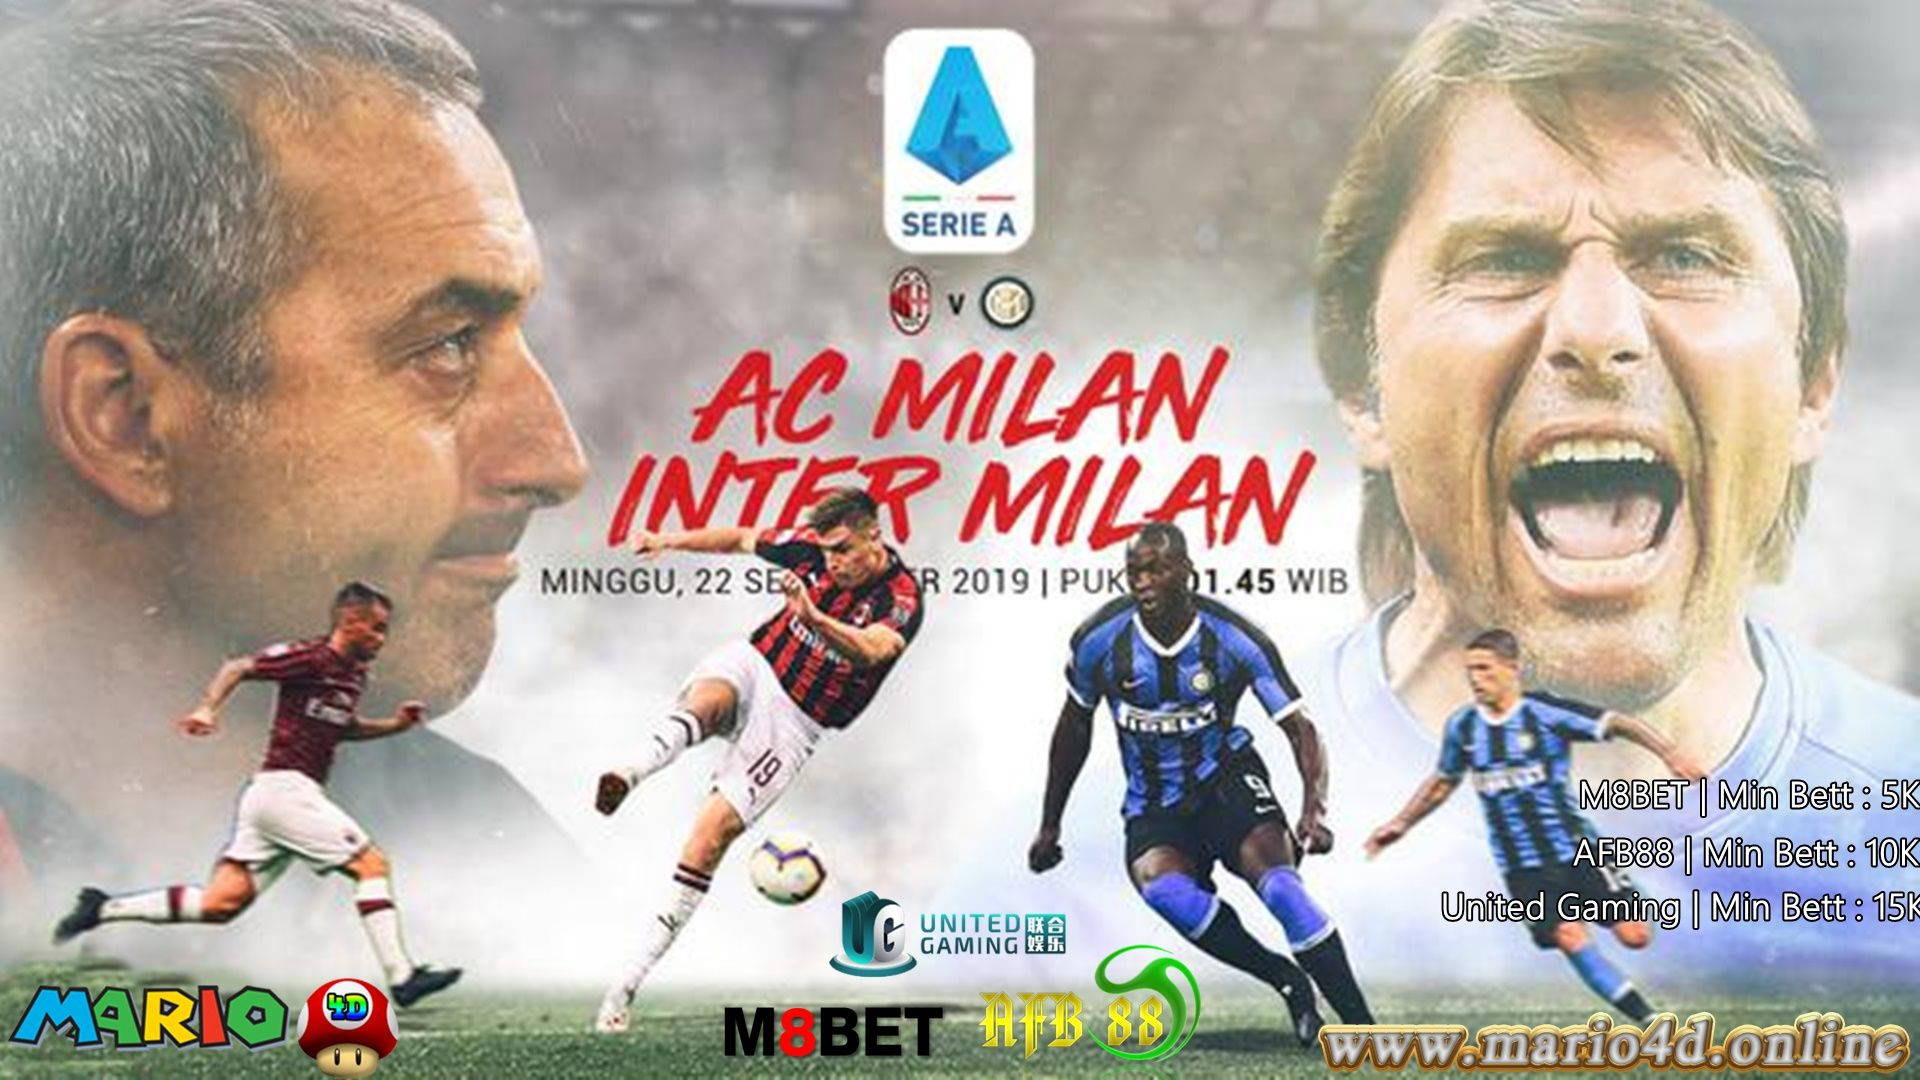 AC Milan vs Inter Milan MINGGU| 22 Sept 2019 | 01.45 WIB